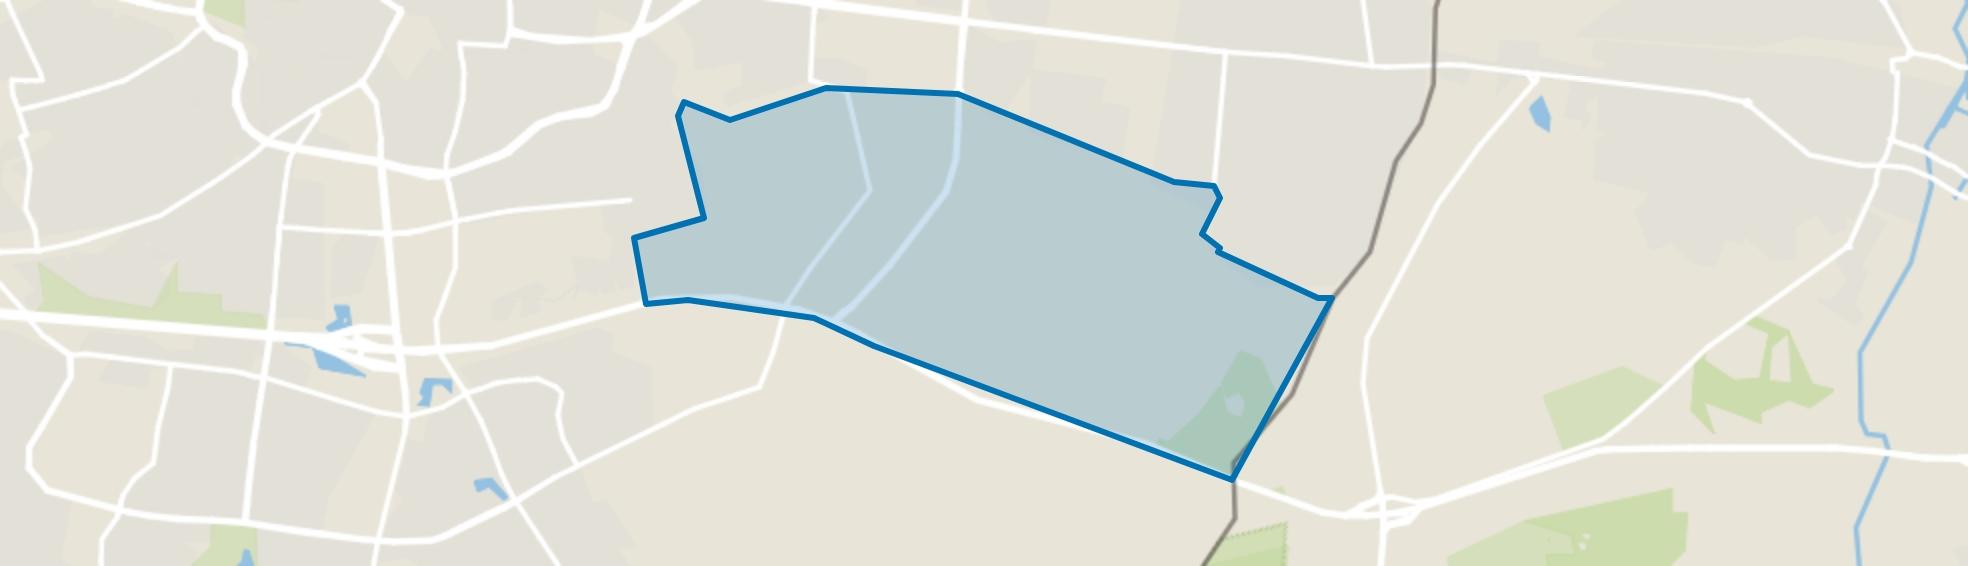 Buurtschap Zuid-Esmarke, Enschede map